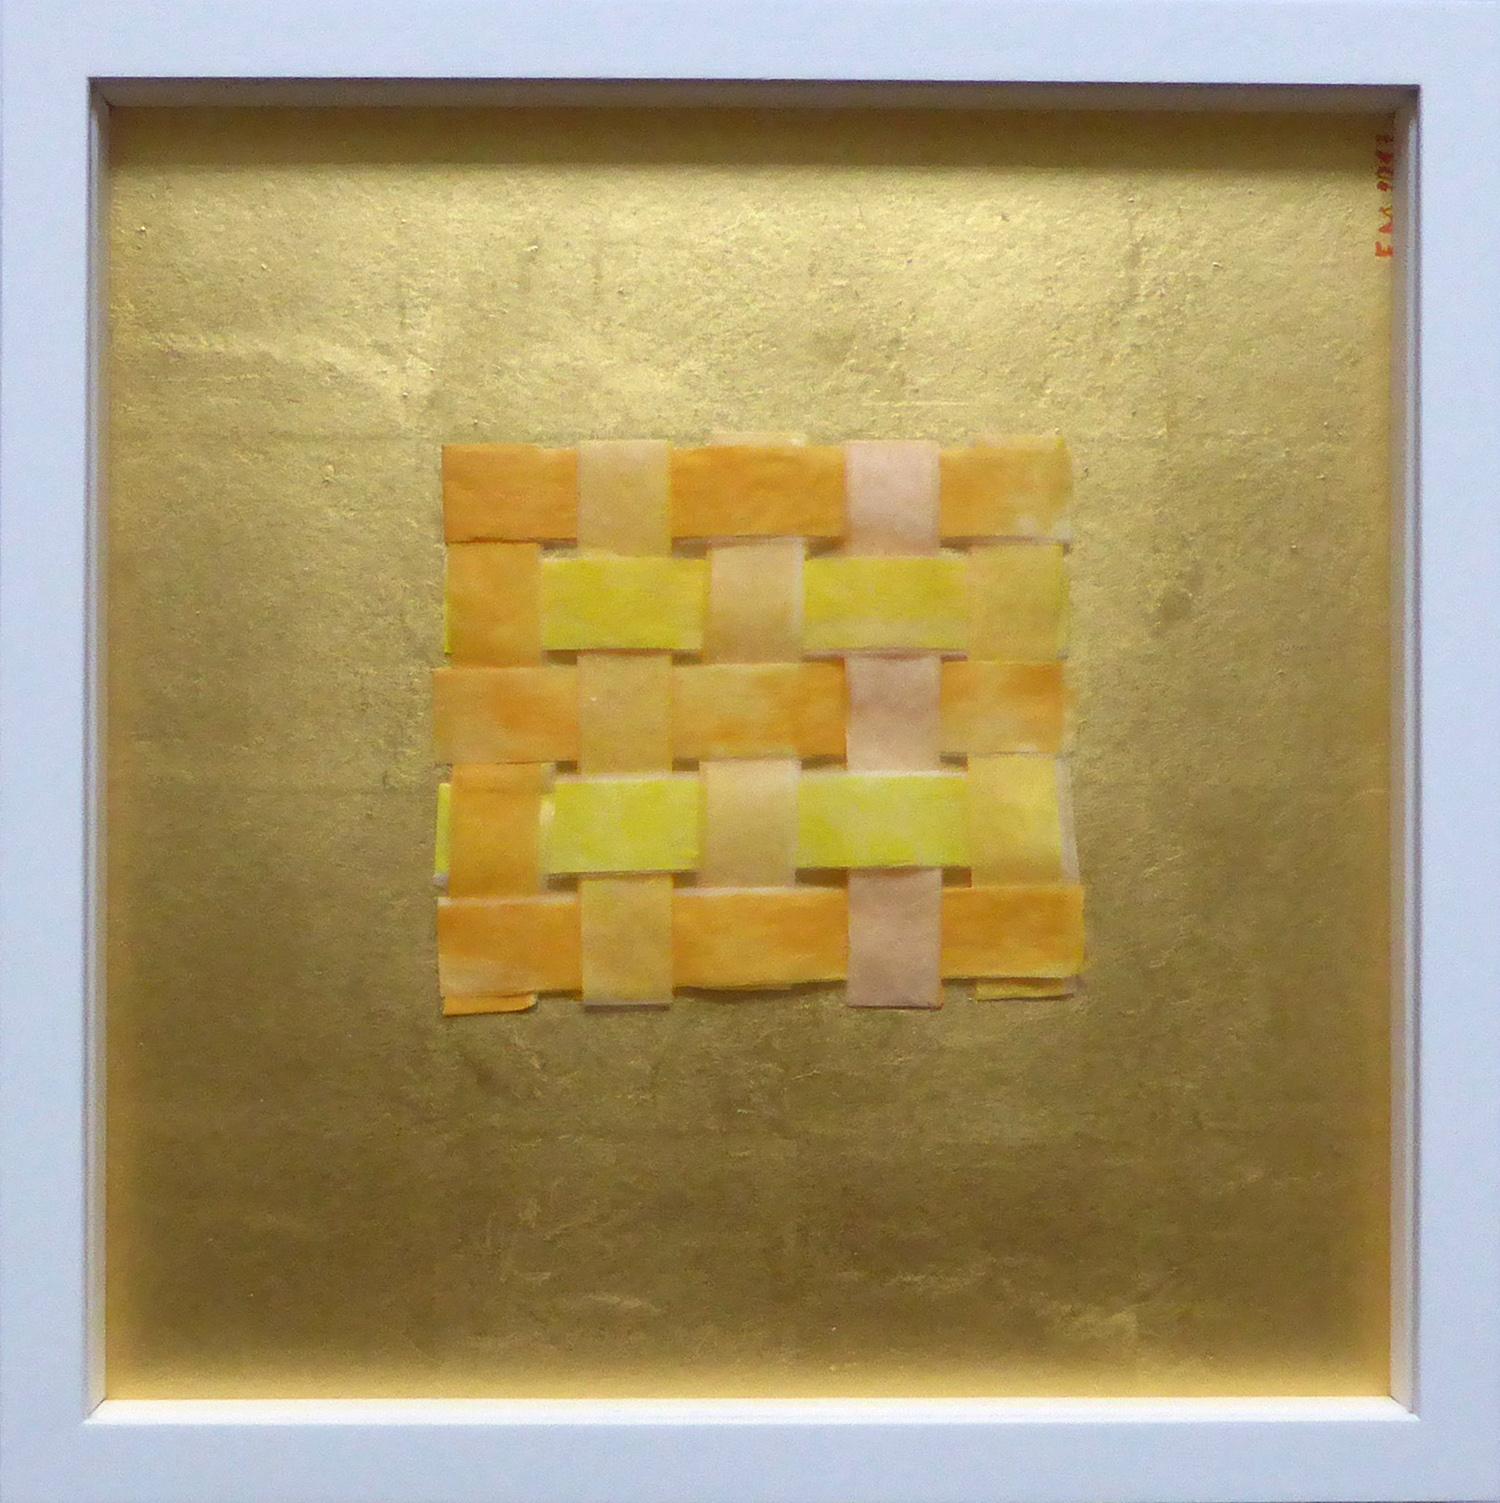 Frieda Martha Papierarbeit, Vernetzt (Goldtöne), 2017